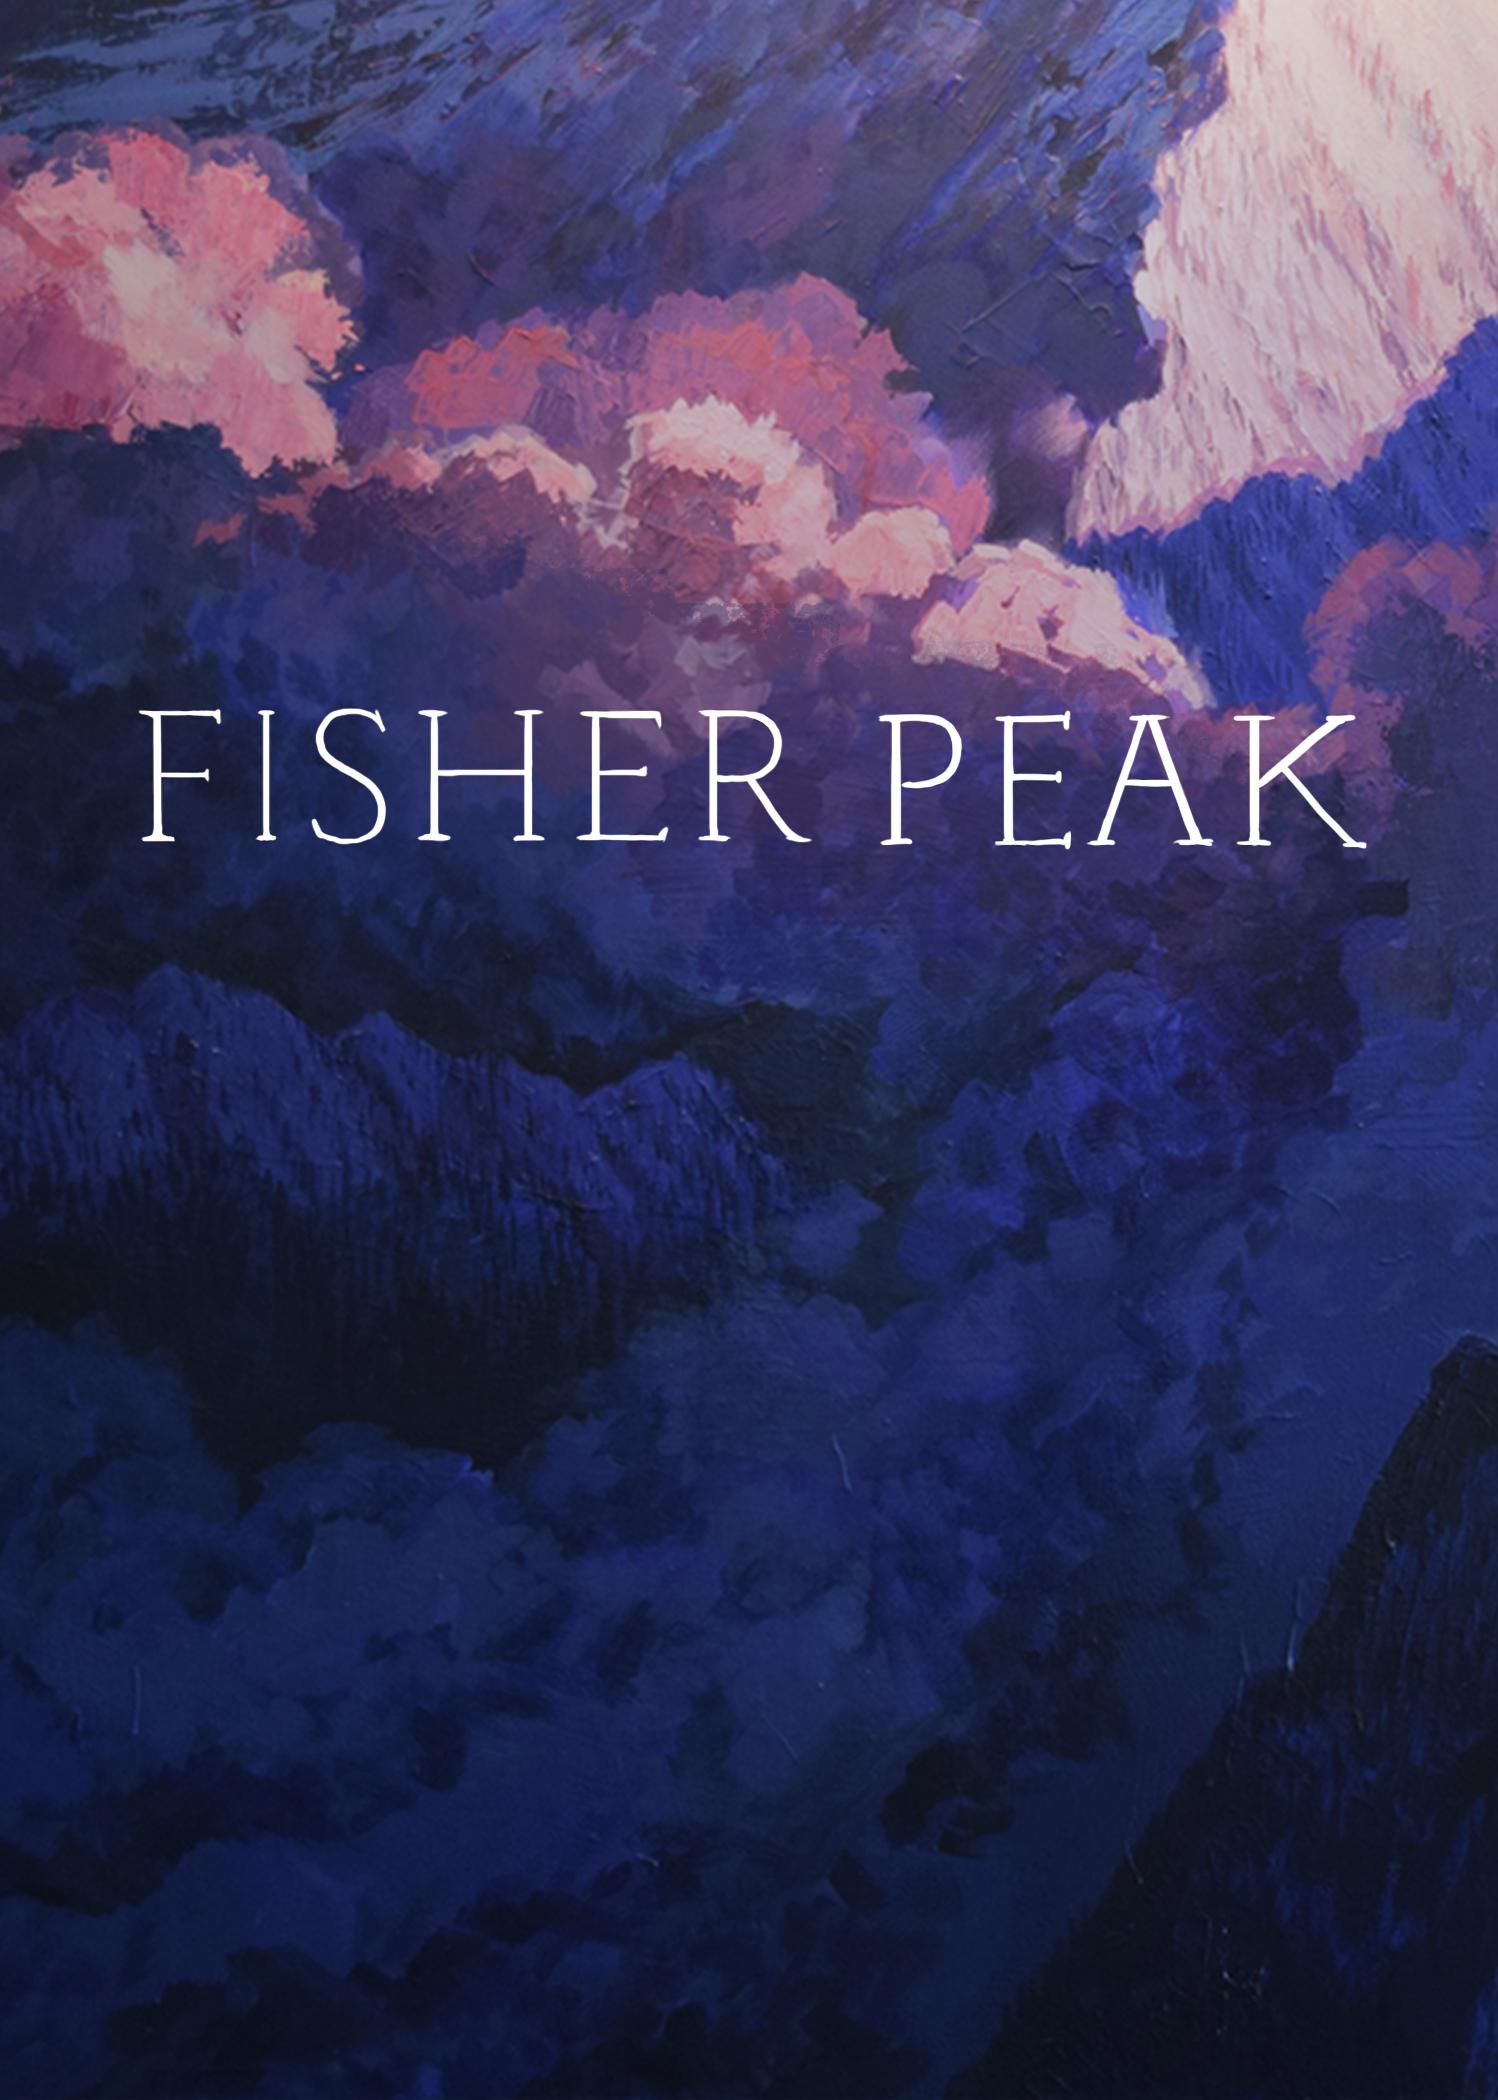 FISHERPEAK.jpg